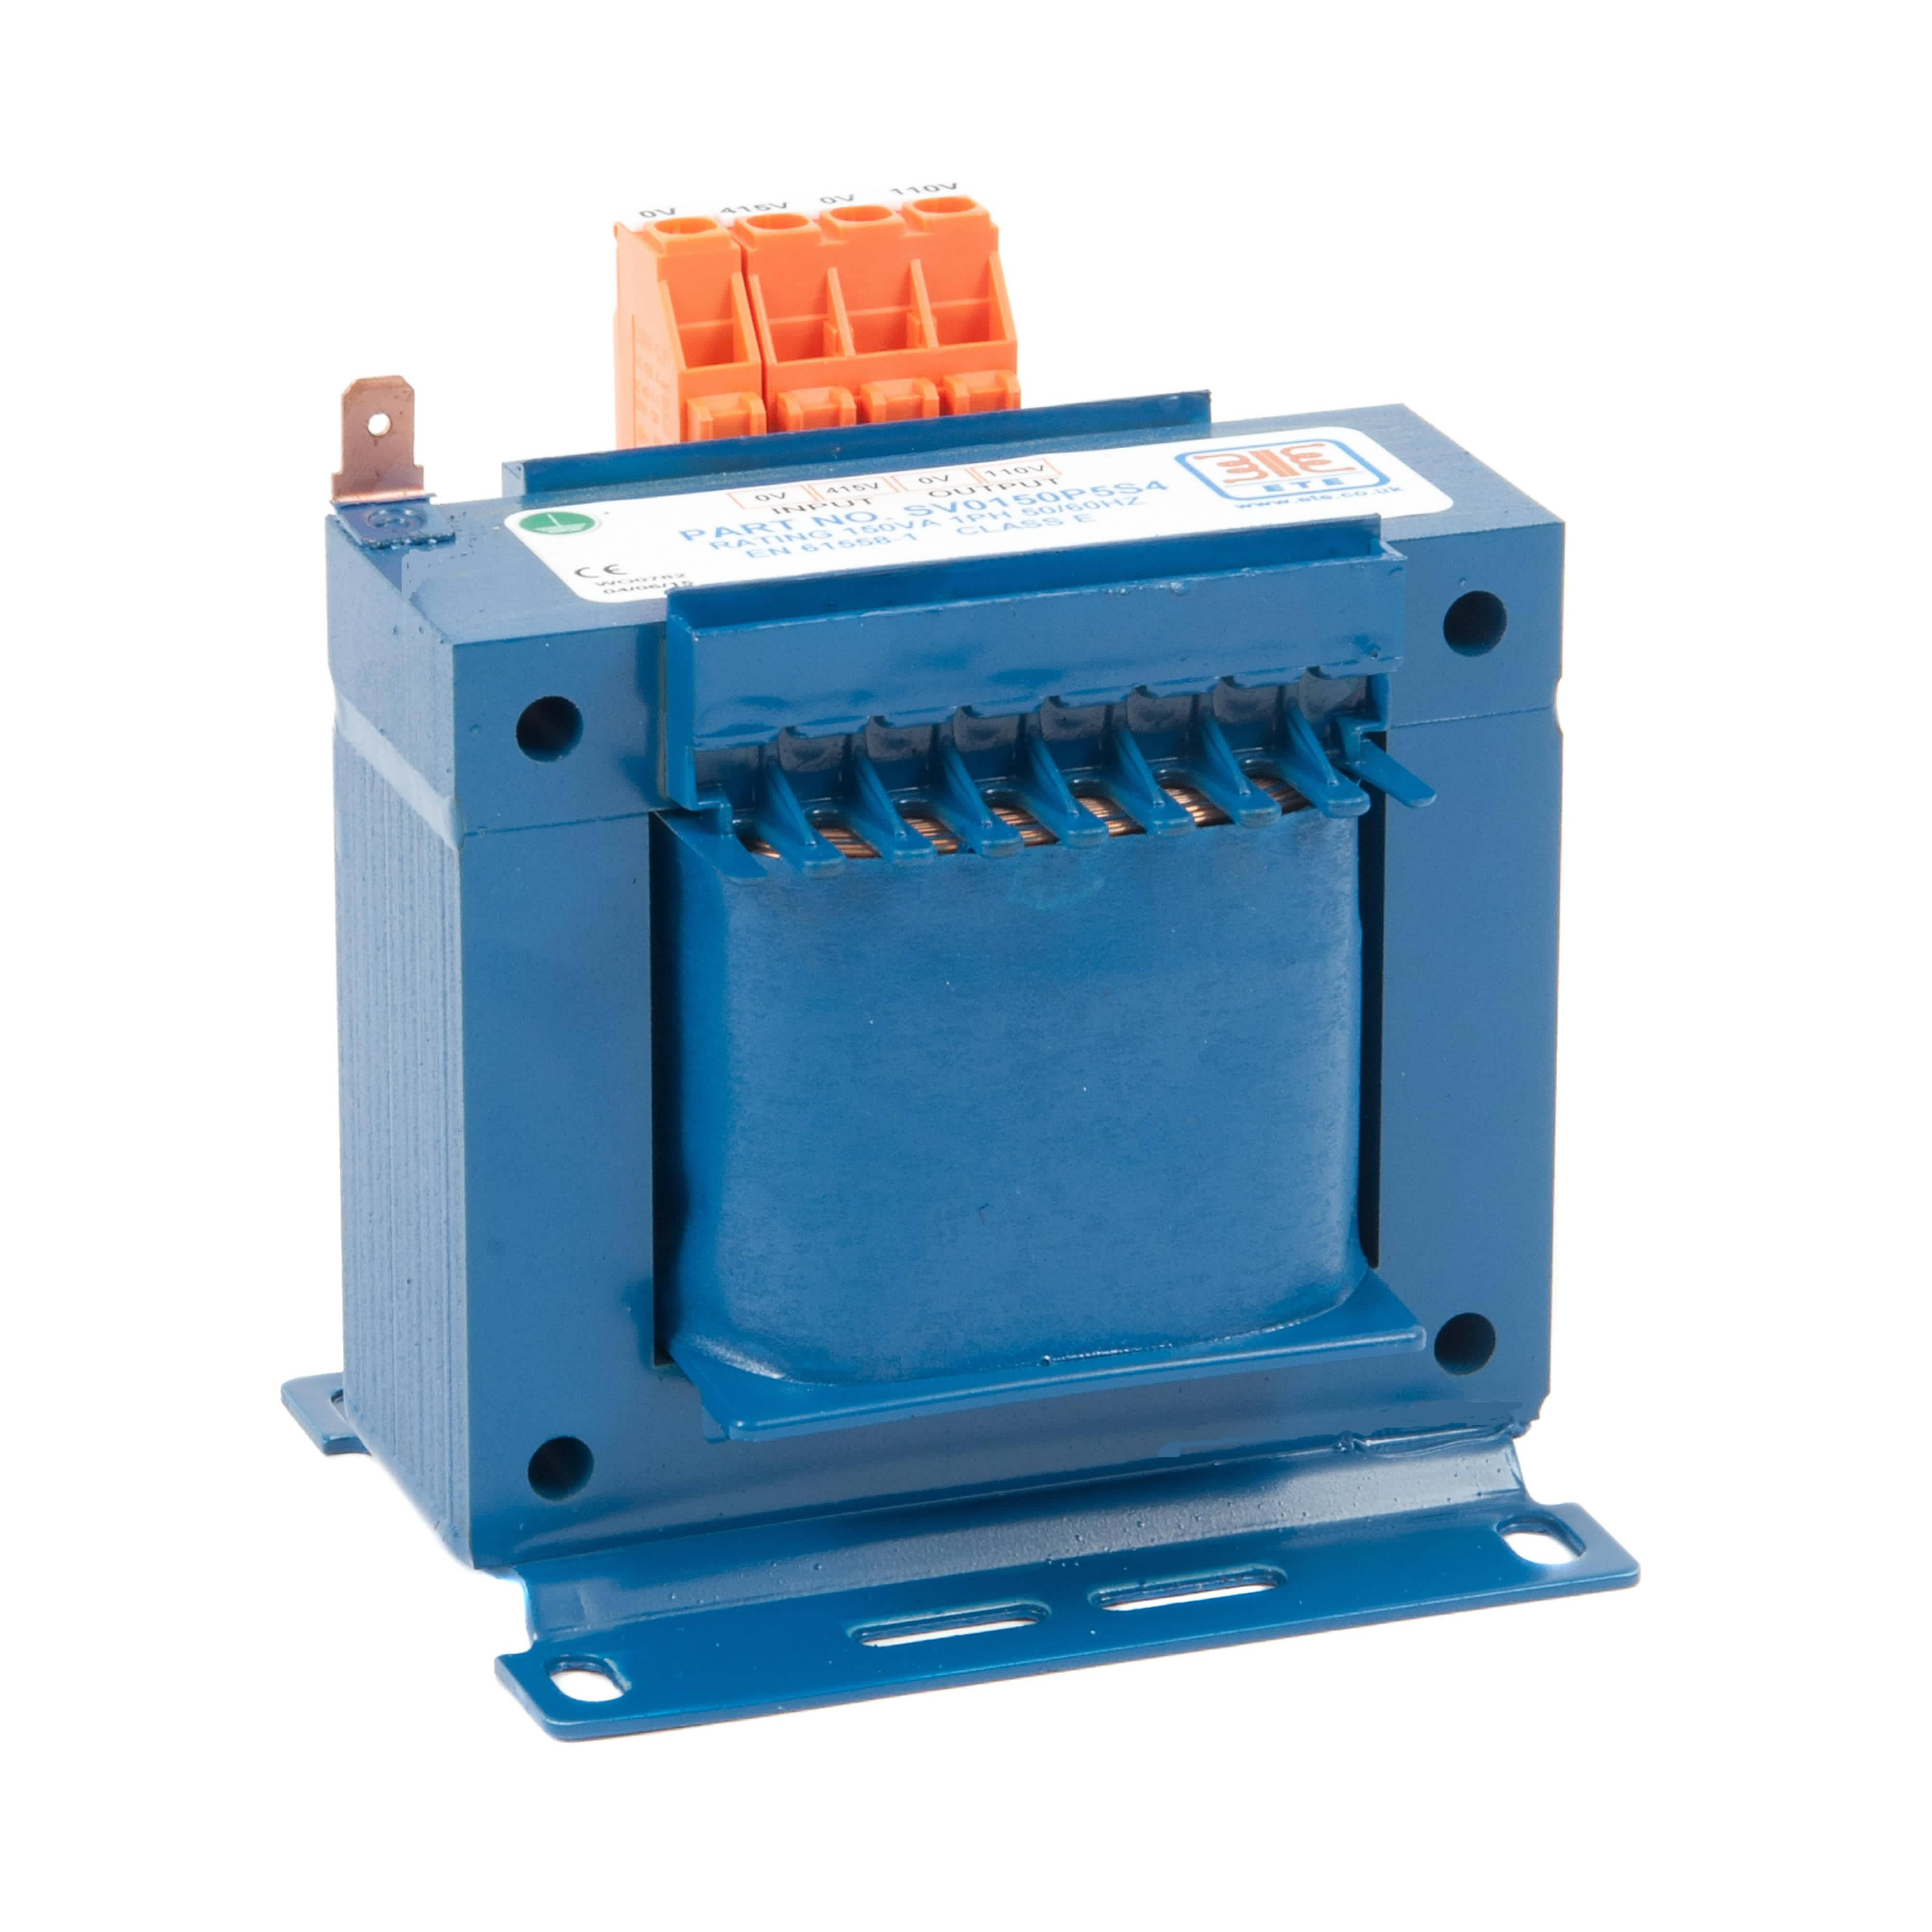 on sale 26bed 4a9a8 SV Single Voltage 415V to 24V Transformer 25VA